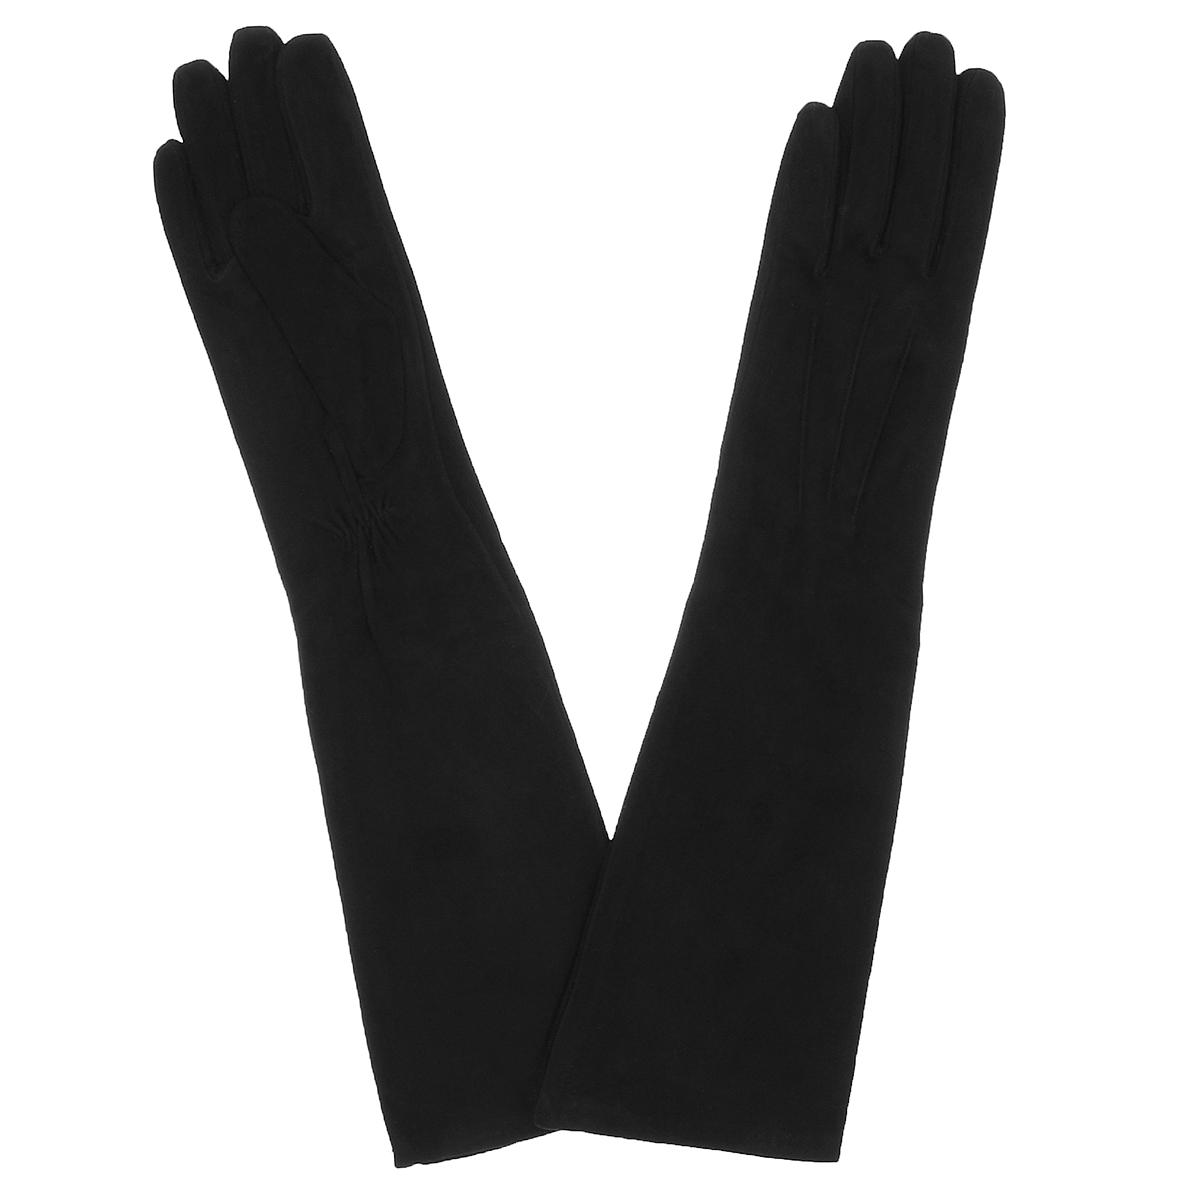 Перчатки женские. S81_SHERY 26S81_SHERY 26/BL//11Стильные удлиненные перчатки Dali Exclusive с шелковой подкладкой выполнены из мягкой и приятной на ощупь натуральной замши. На лицевой стороне перчатки оформлены тремя декоративными швами. На внутреней стороне под большим пальцем сборка на резинке. Такие перчатки подчеркнут ваш стиль и неповторимость.